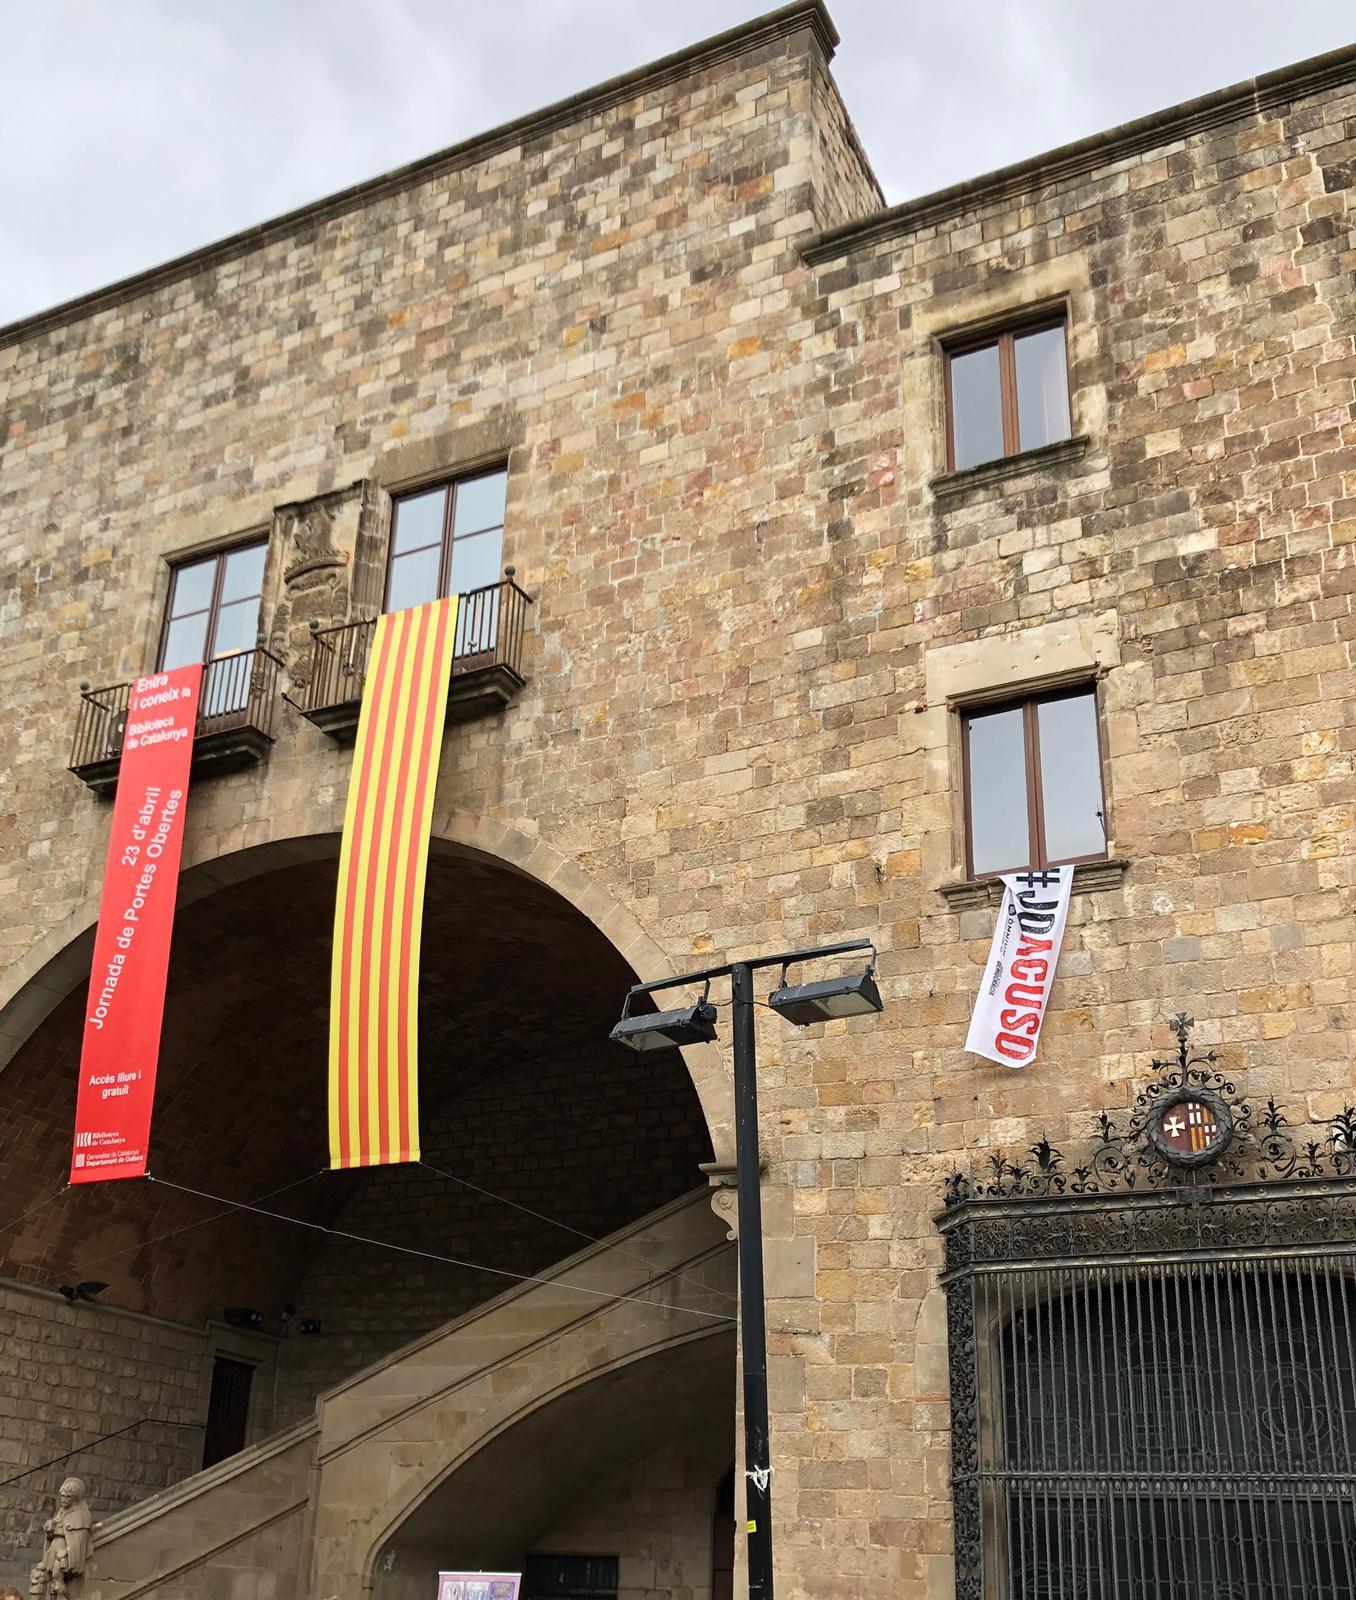 El PP pide a la Junta Electoral retirar pancartas separatistas de una biblioteca pública de Barcelona